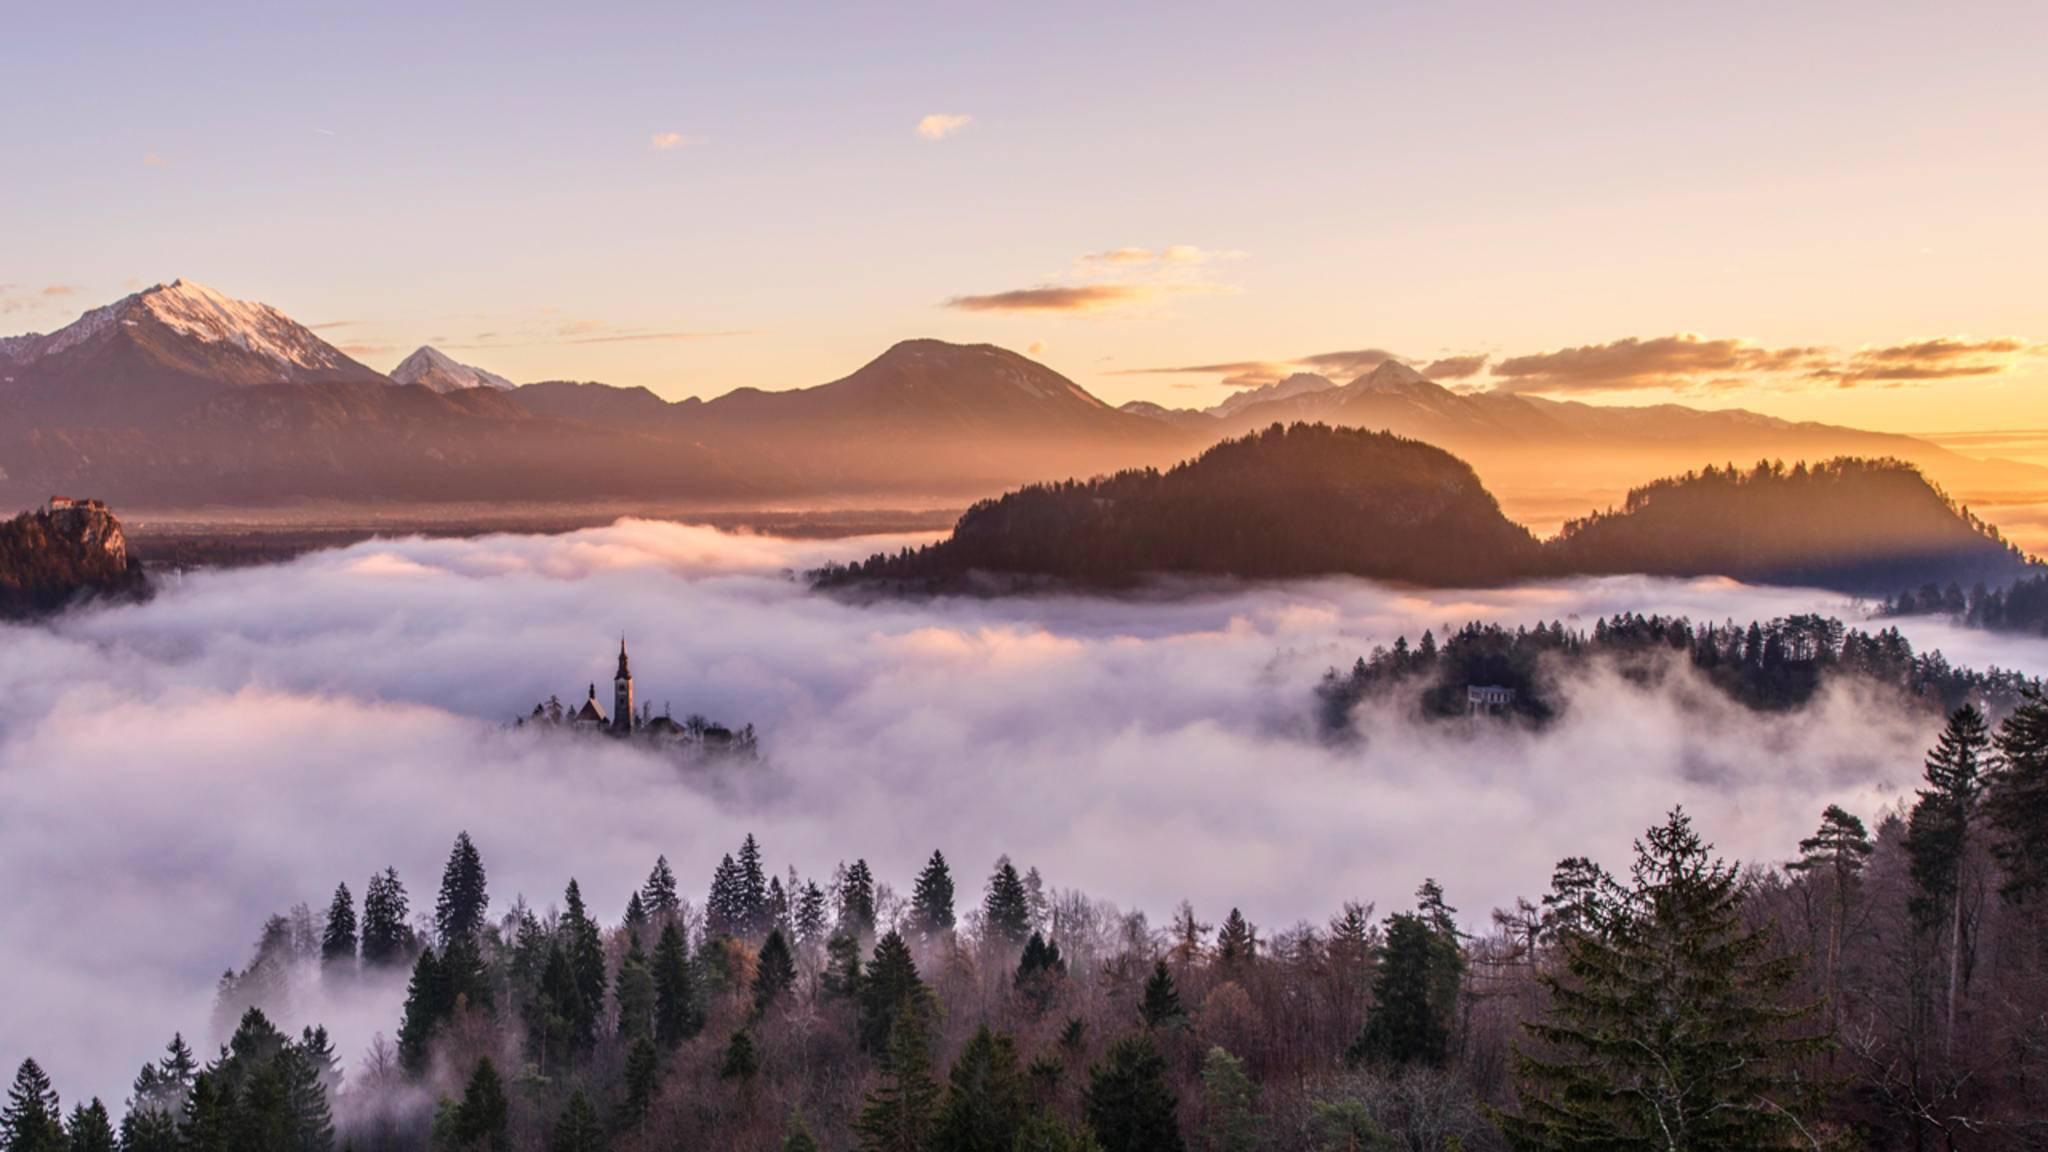 """""""Seltsam, im Nebel zu wandern! Einsam ist jeder Busch und Stein, kein Baum sieht den anderen, jeder ist allein."""" (Hermann Hesse)"""